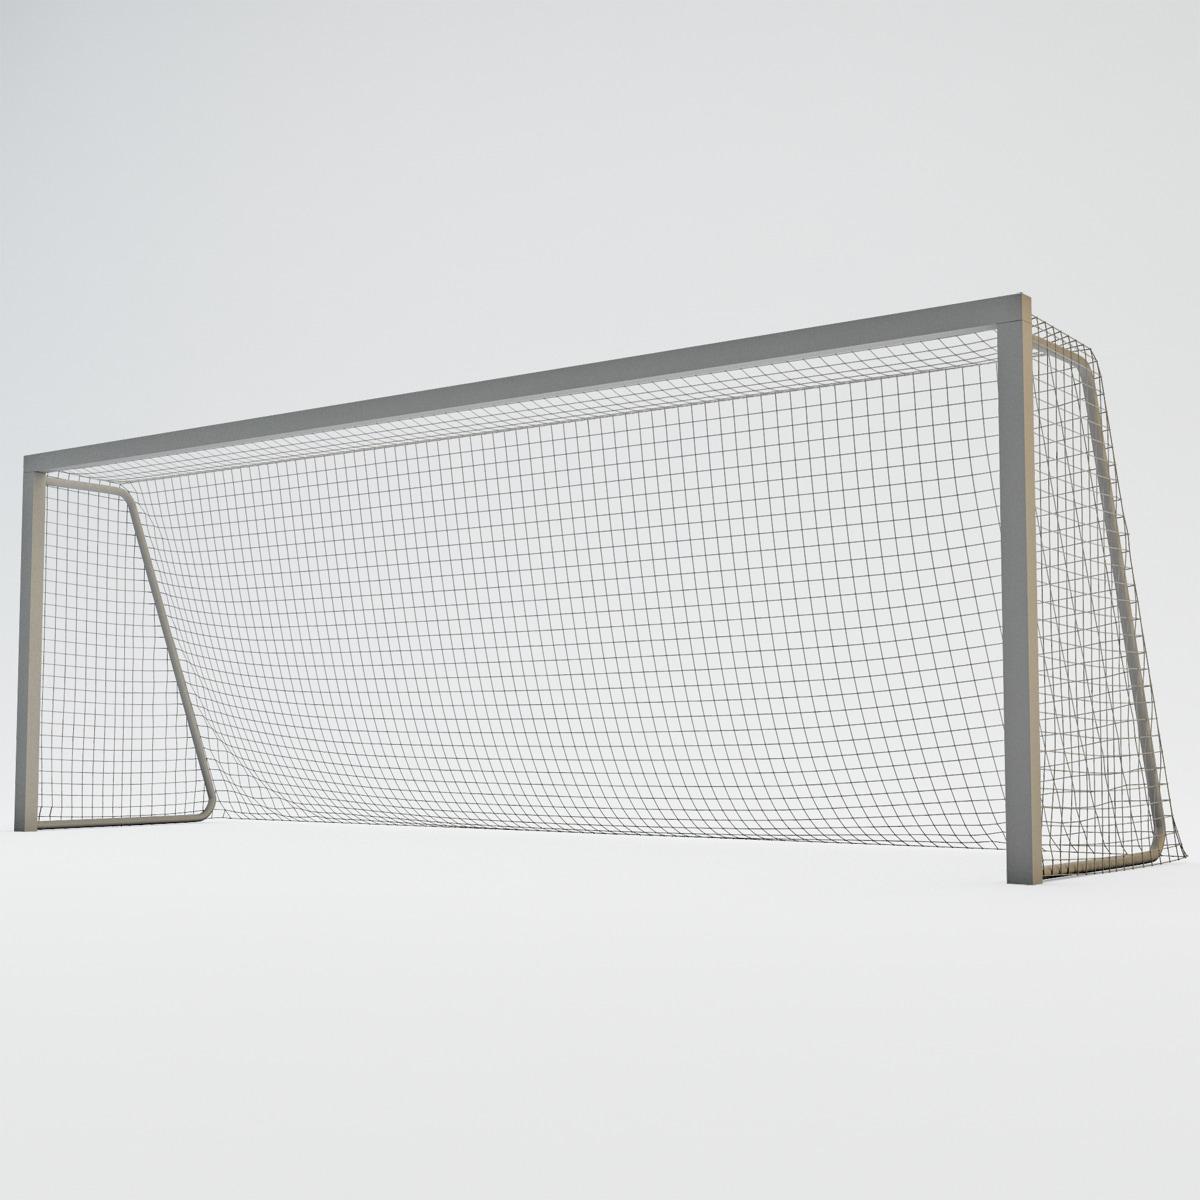 Soccer Goal_2.jpg